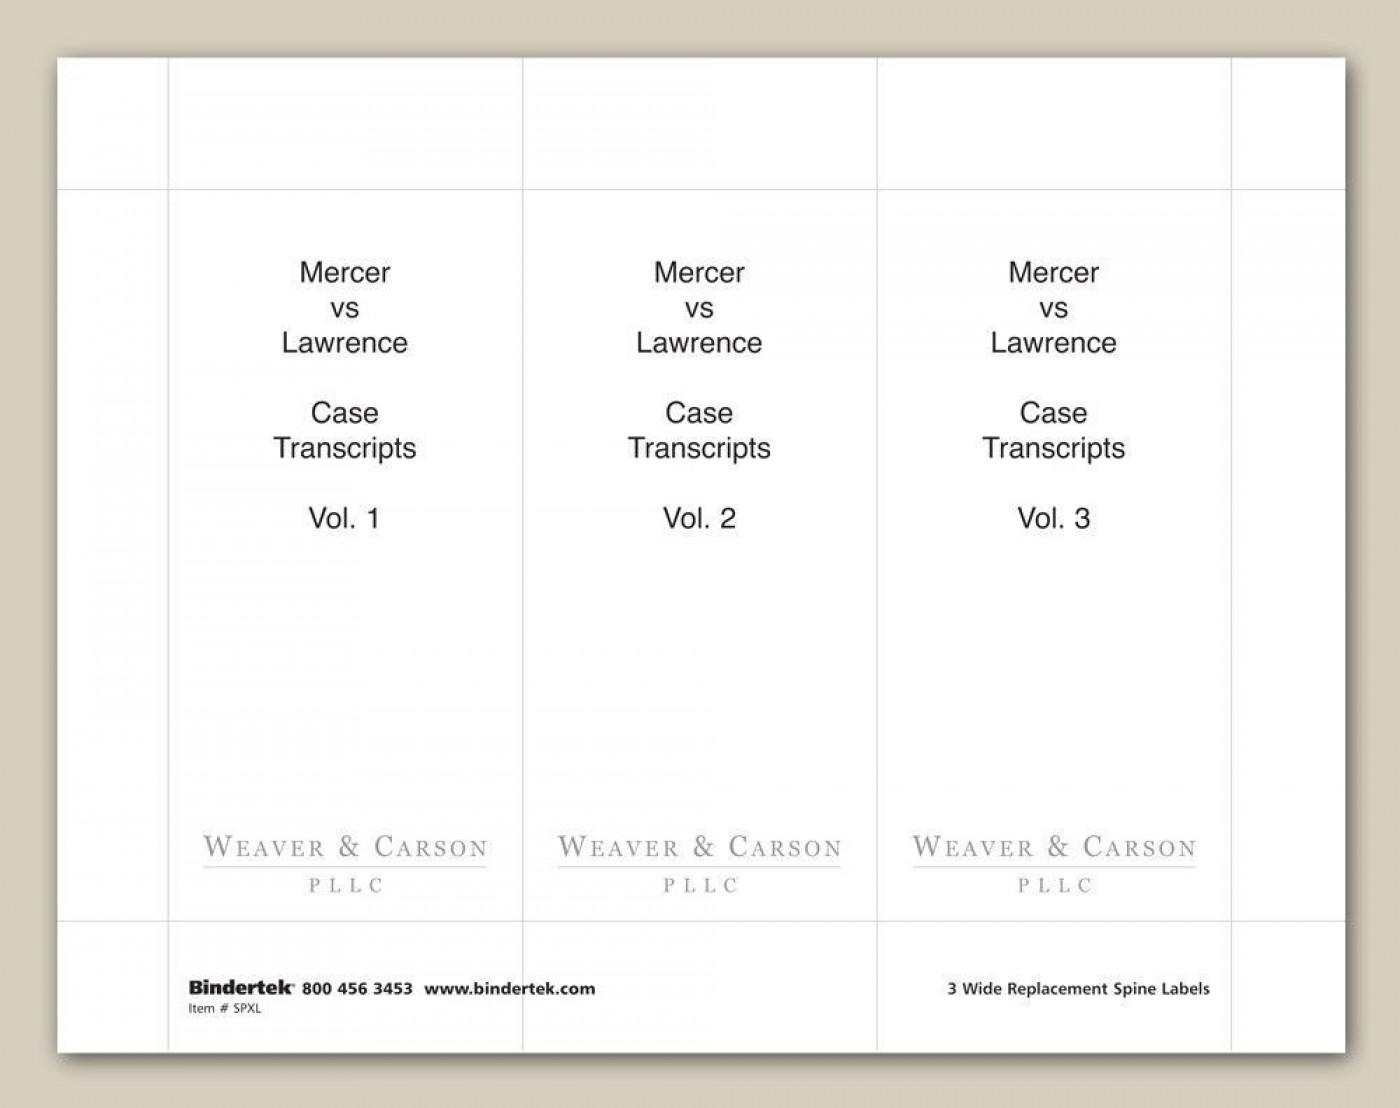 005 Amazing Microsoft Word Invitation Template 4 Per Page Design 1400